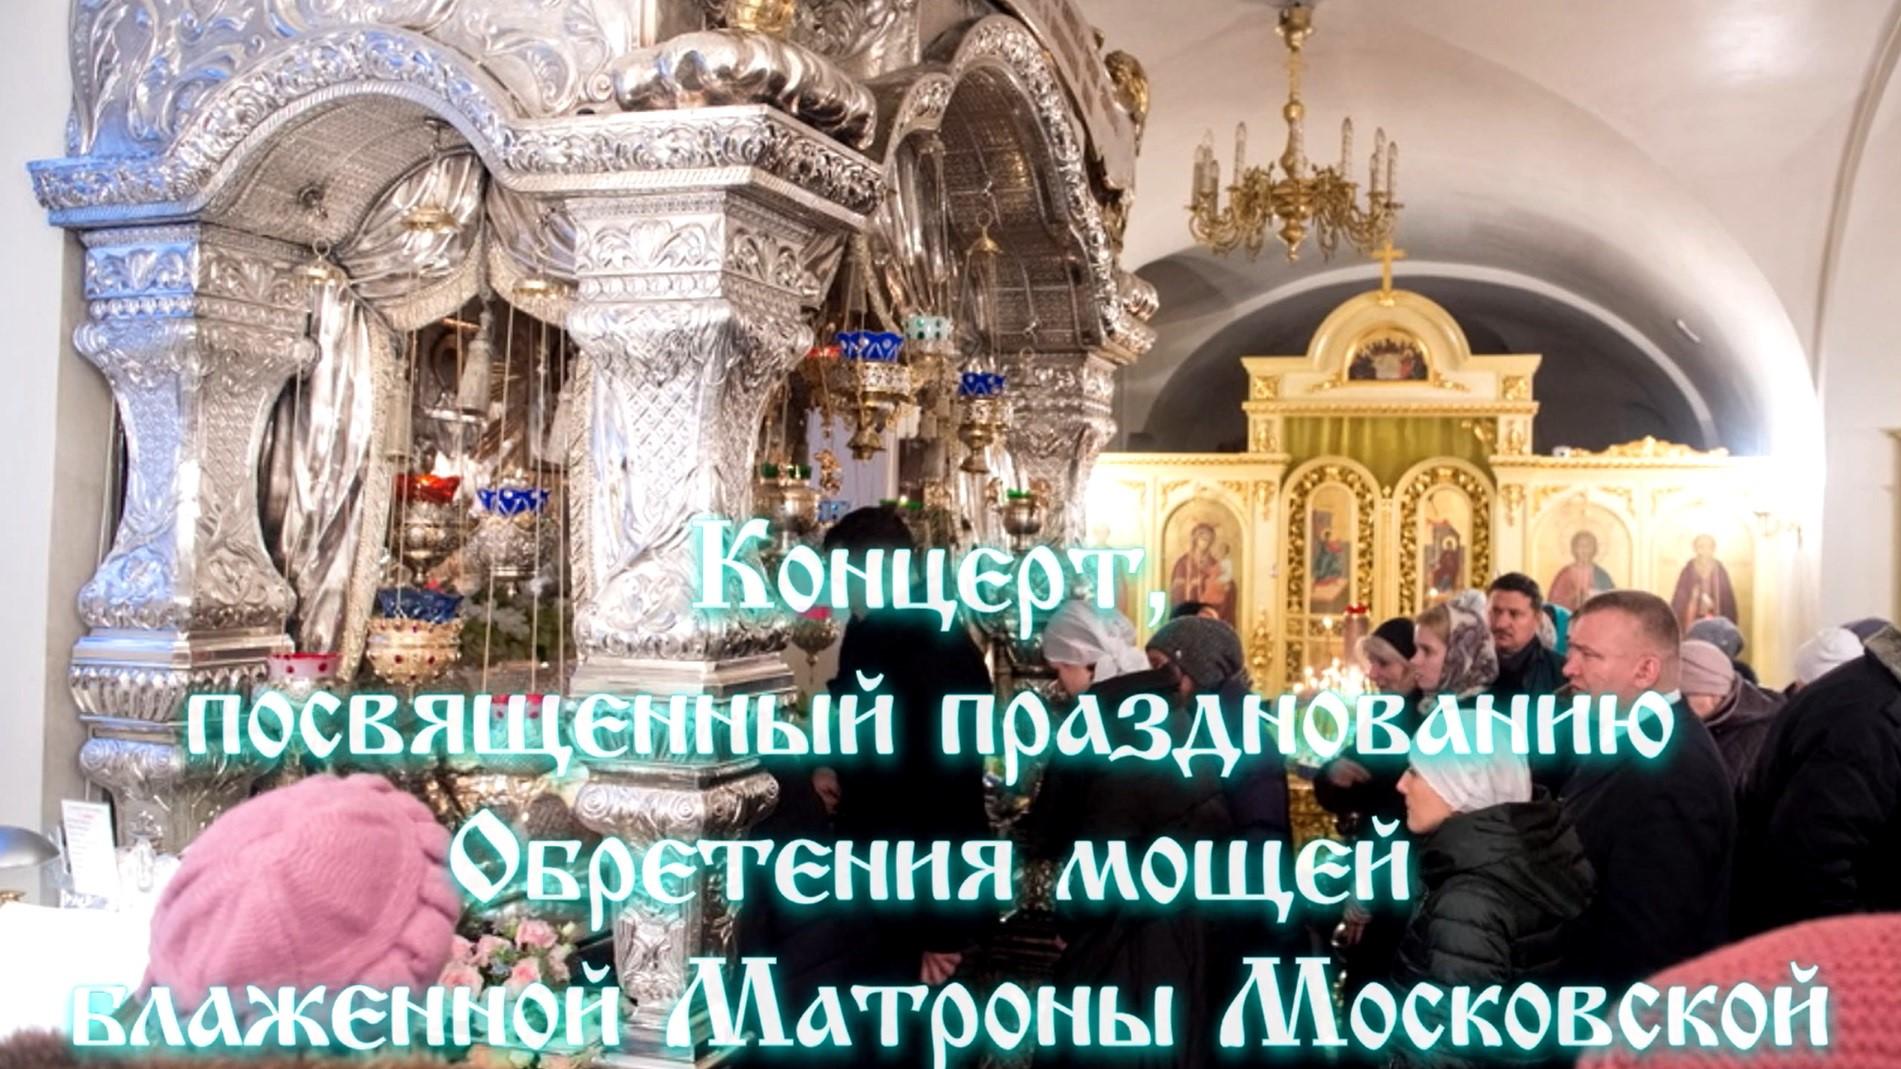 Концерт воспитанниц детского приюта Покровского монастыря в день праздника обретения мощей святой блаженной Матроны Московской.